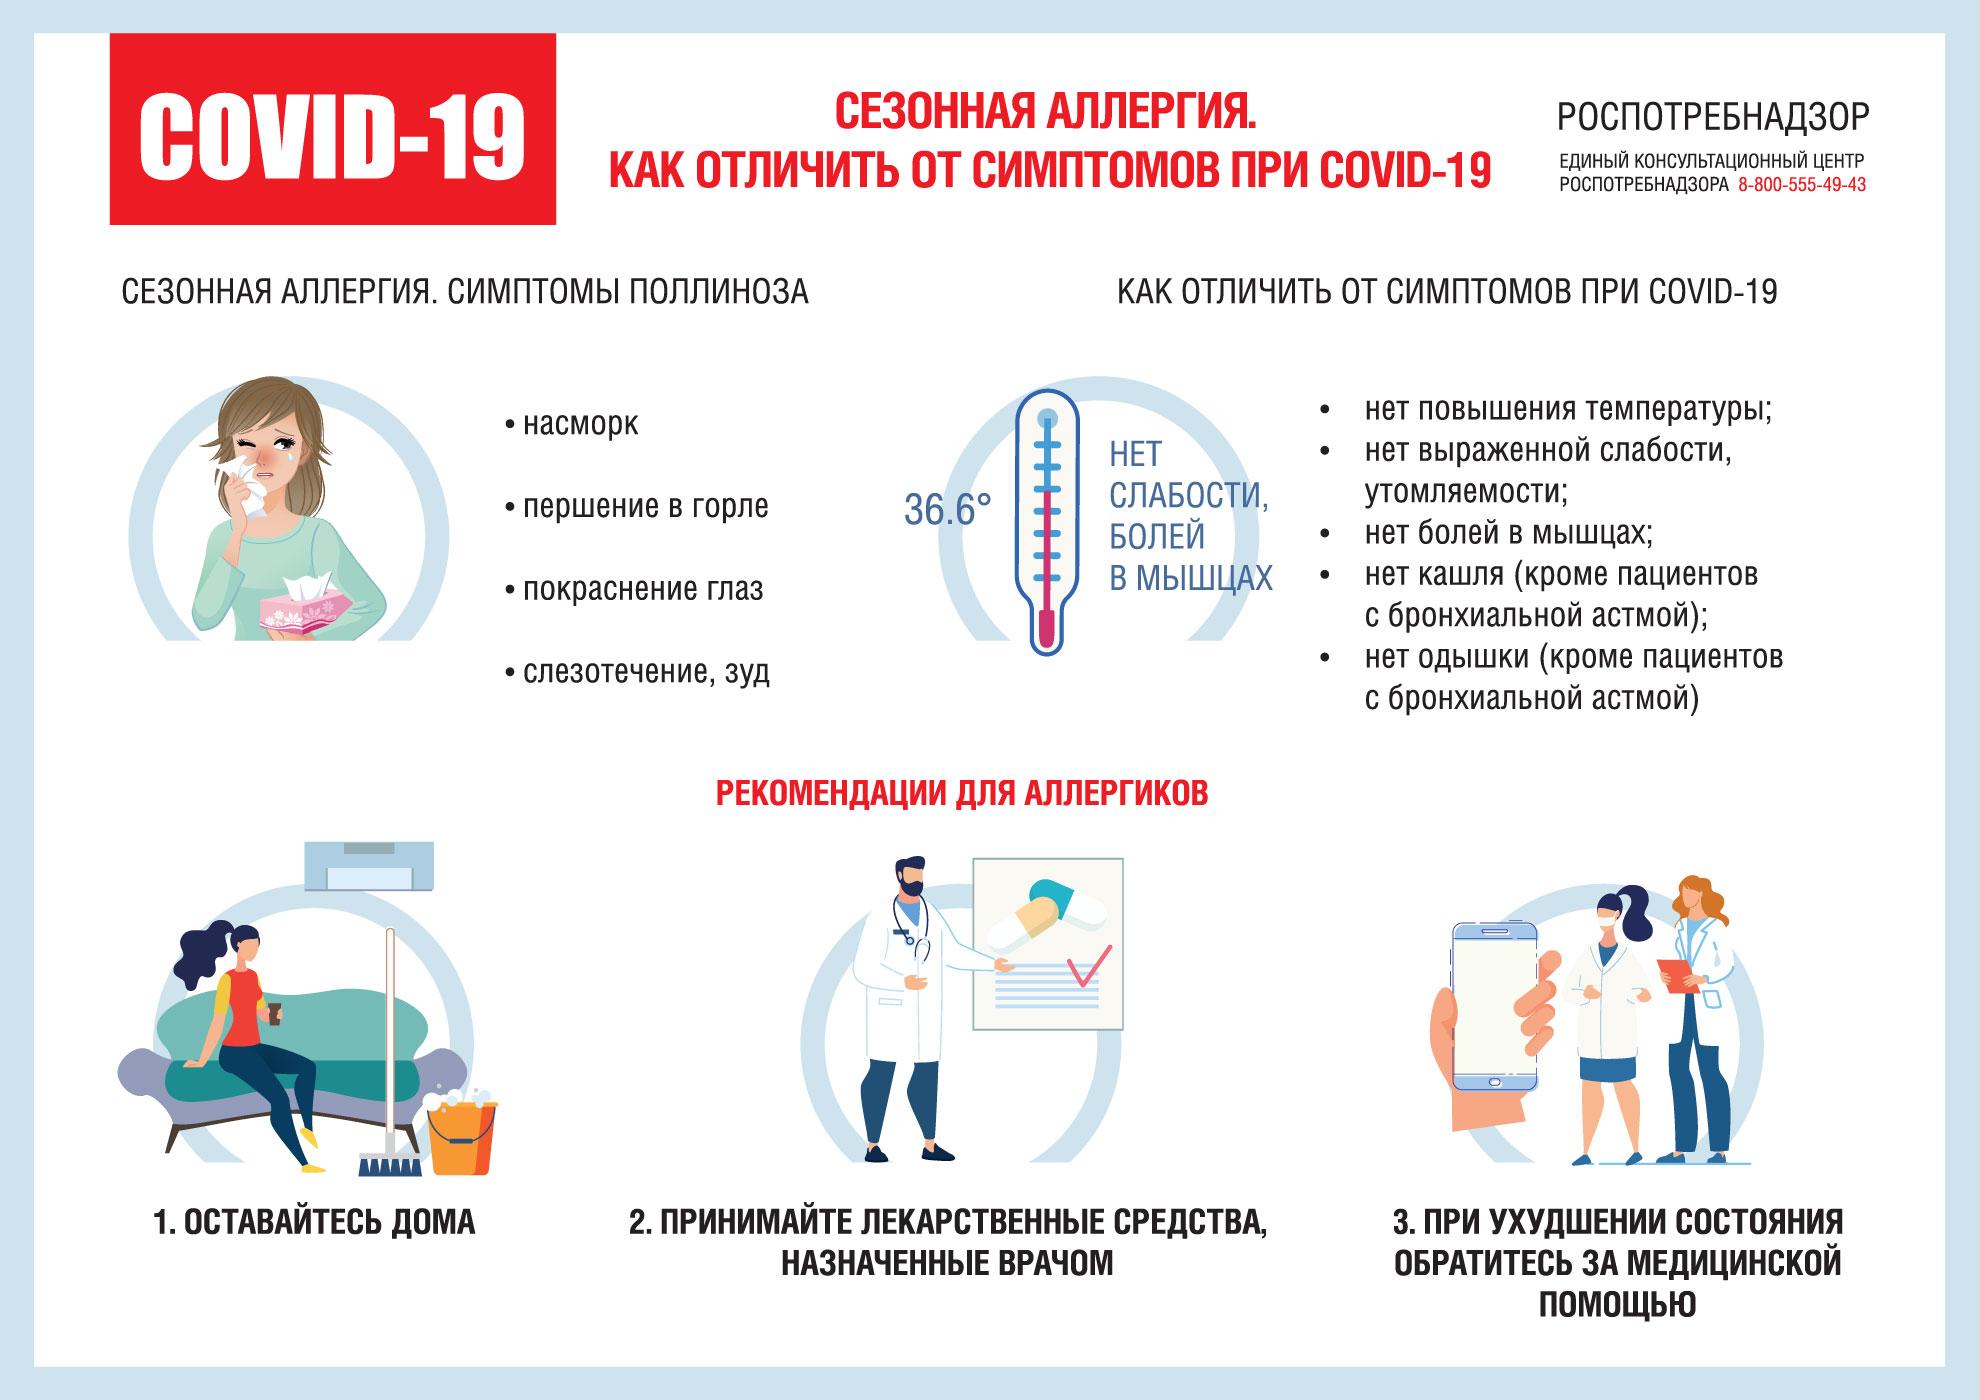 Роспотребнадзор рассказал, как отличить коронавирус от сезонной аллергии